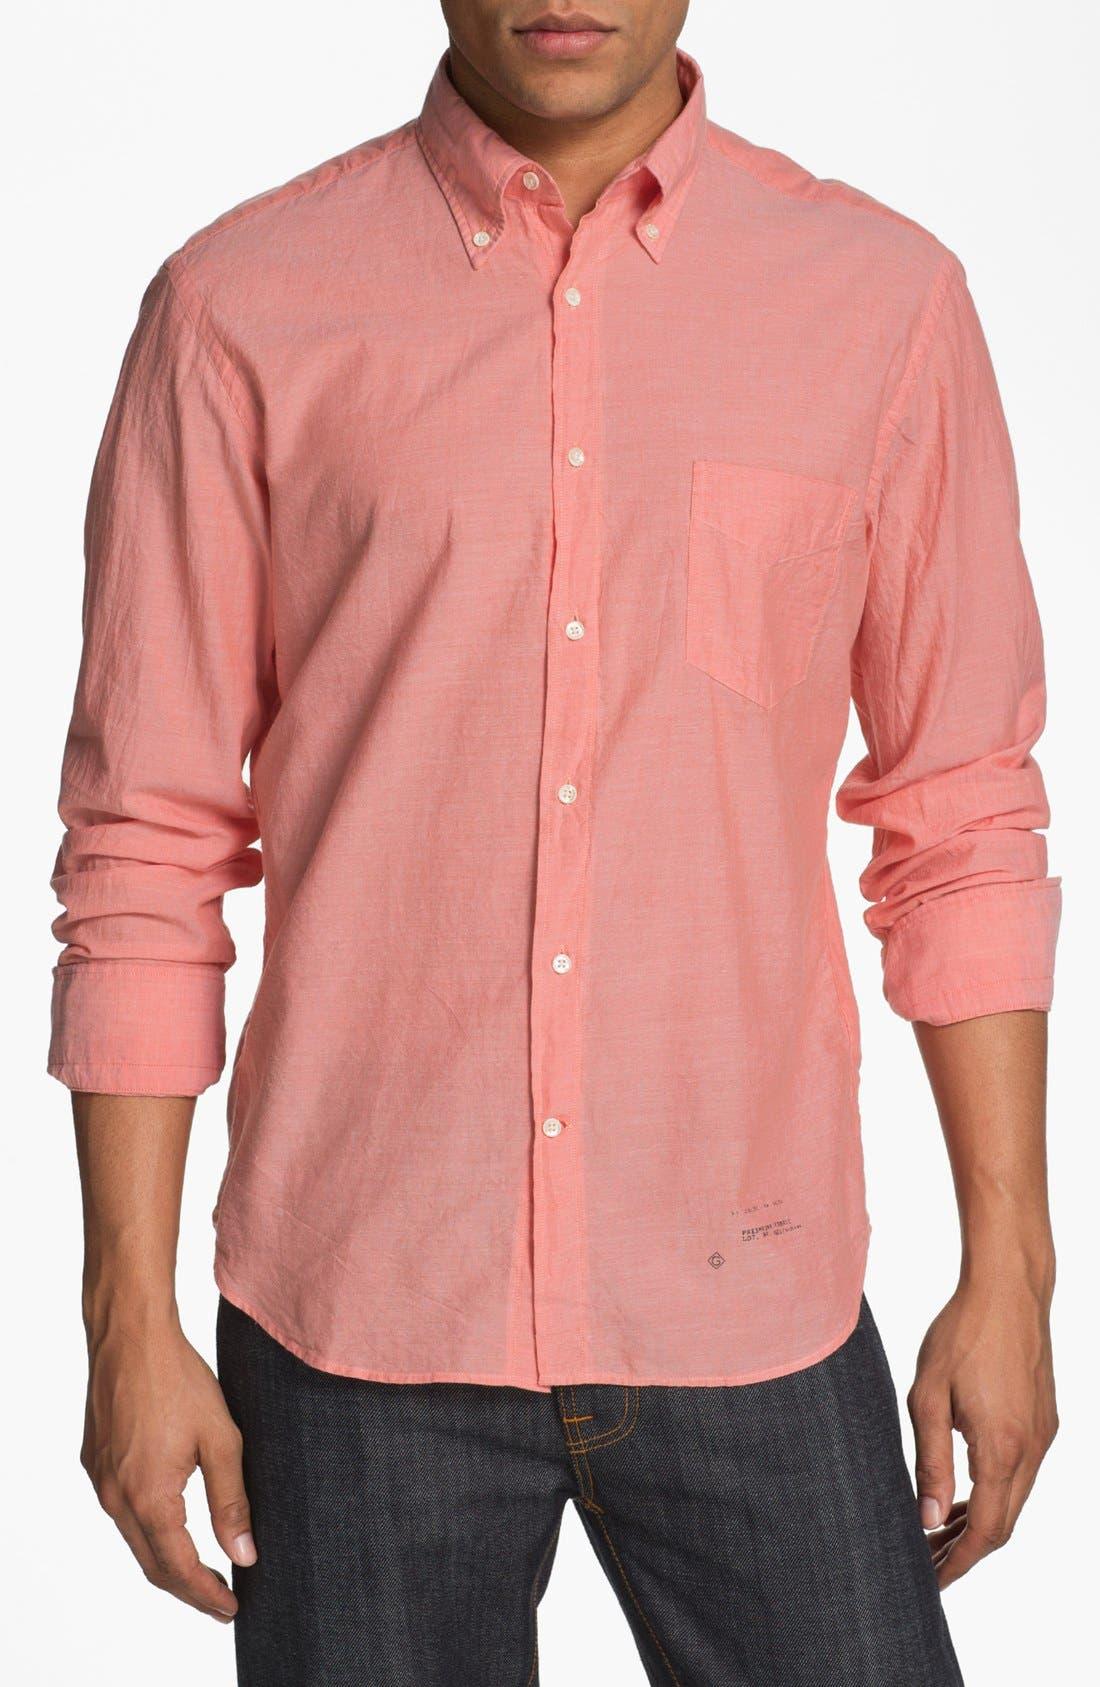 Alternate Image 1 Selected - Gant Rugger Woven Shirt